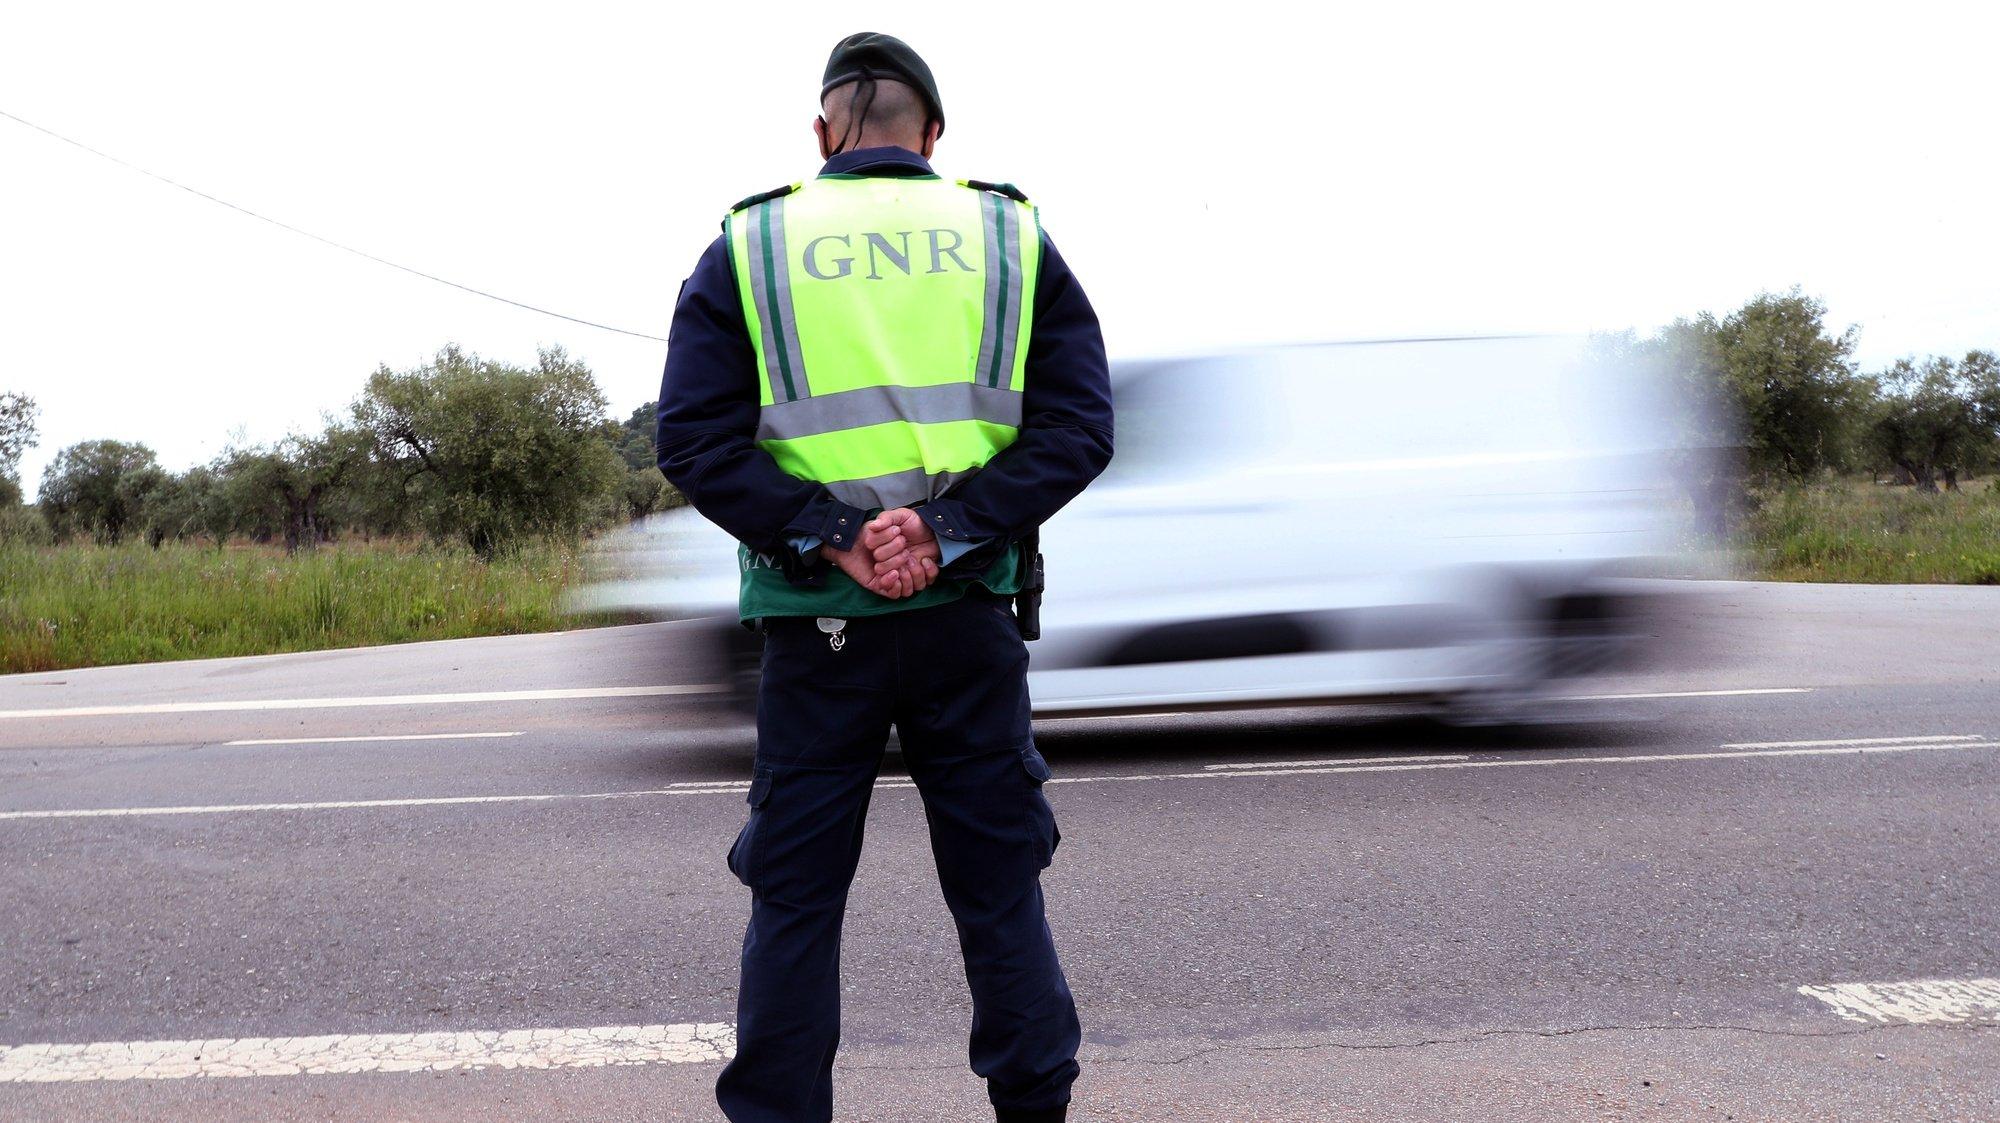 Um agente da Guarda Nacional Republicana durante uma ação de fiscalização rodoviária no âmbito da proibição de circular entre concelhos em Moura, devido ao número de casos ativos de covid-19. Moura, 21 de abril de 2021. NUNO VEIGA/LUSA